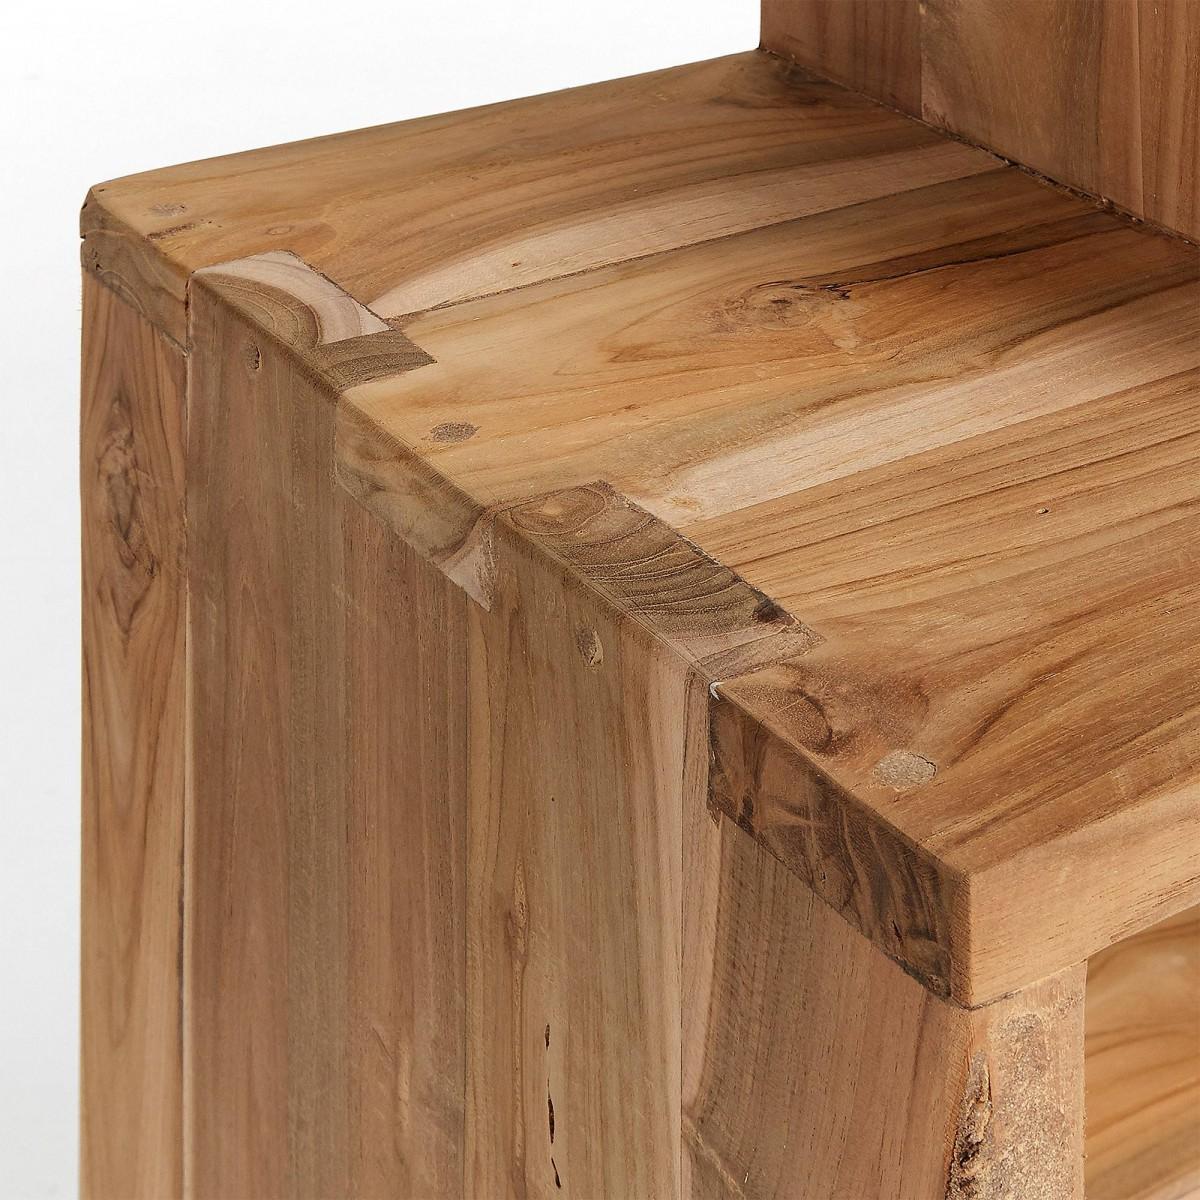 Ferslev 4 cuadrados madera teca natural casual nórdico